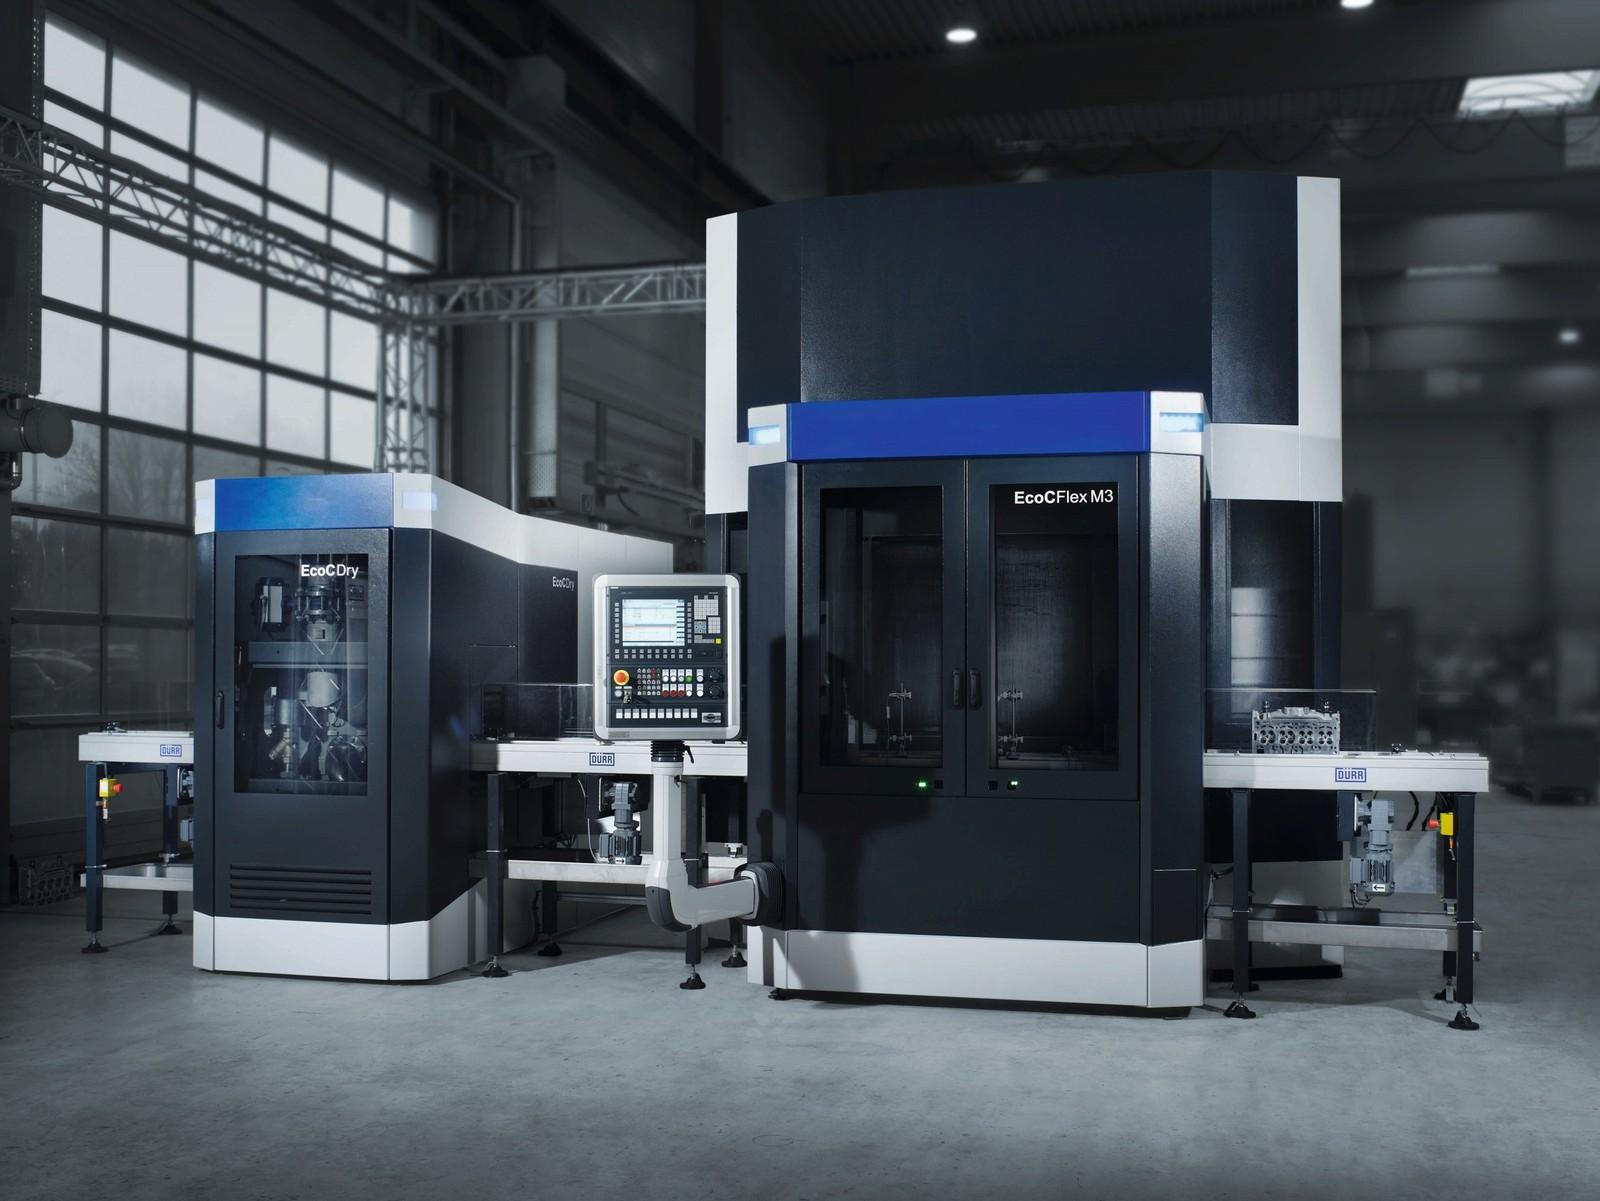 """Die Roboterzelle """"EcoCflex 3"""" setzt bei der Reinigung von Motoren- und Getriebeteilen in der Automobilindustrie unter anderem durch den speziell entwickelten Scara-Manipulator Standards."""